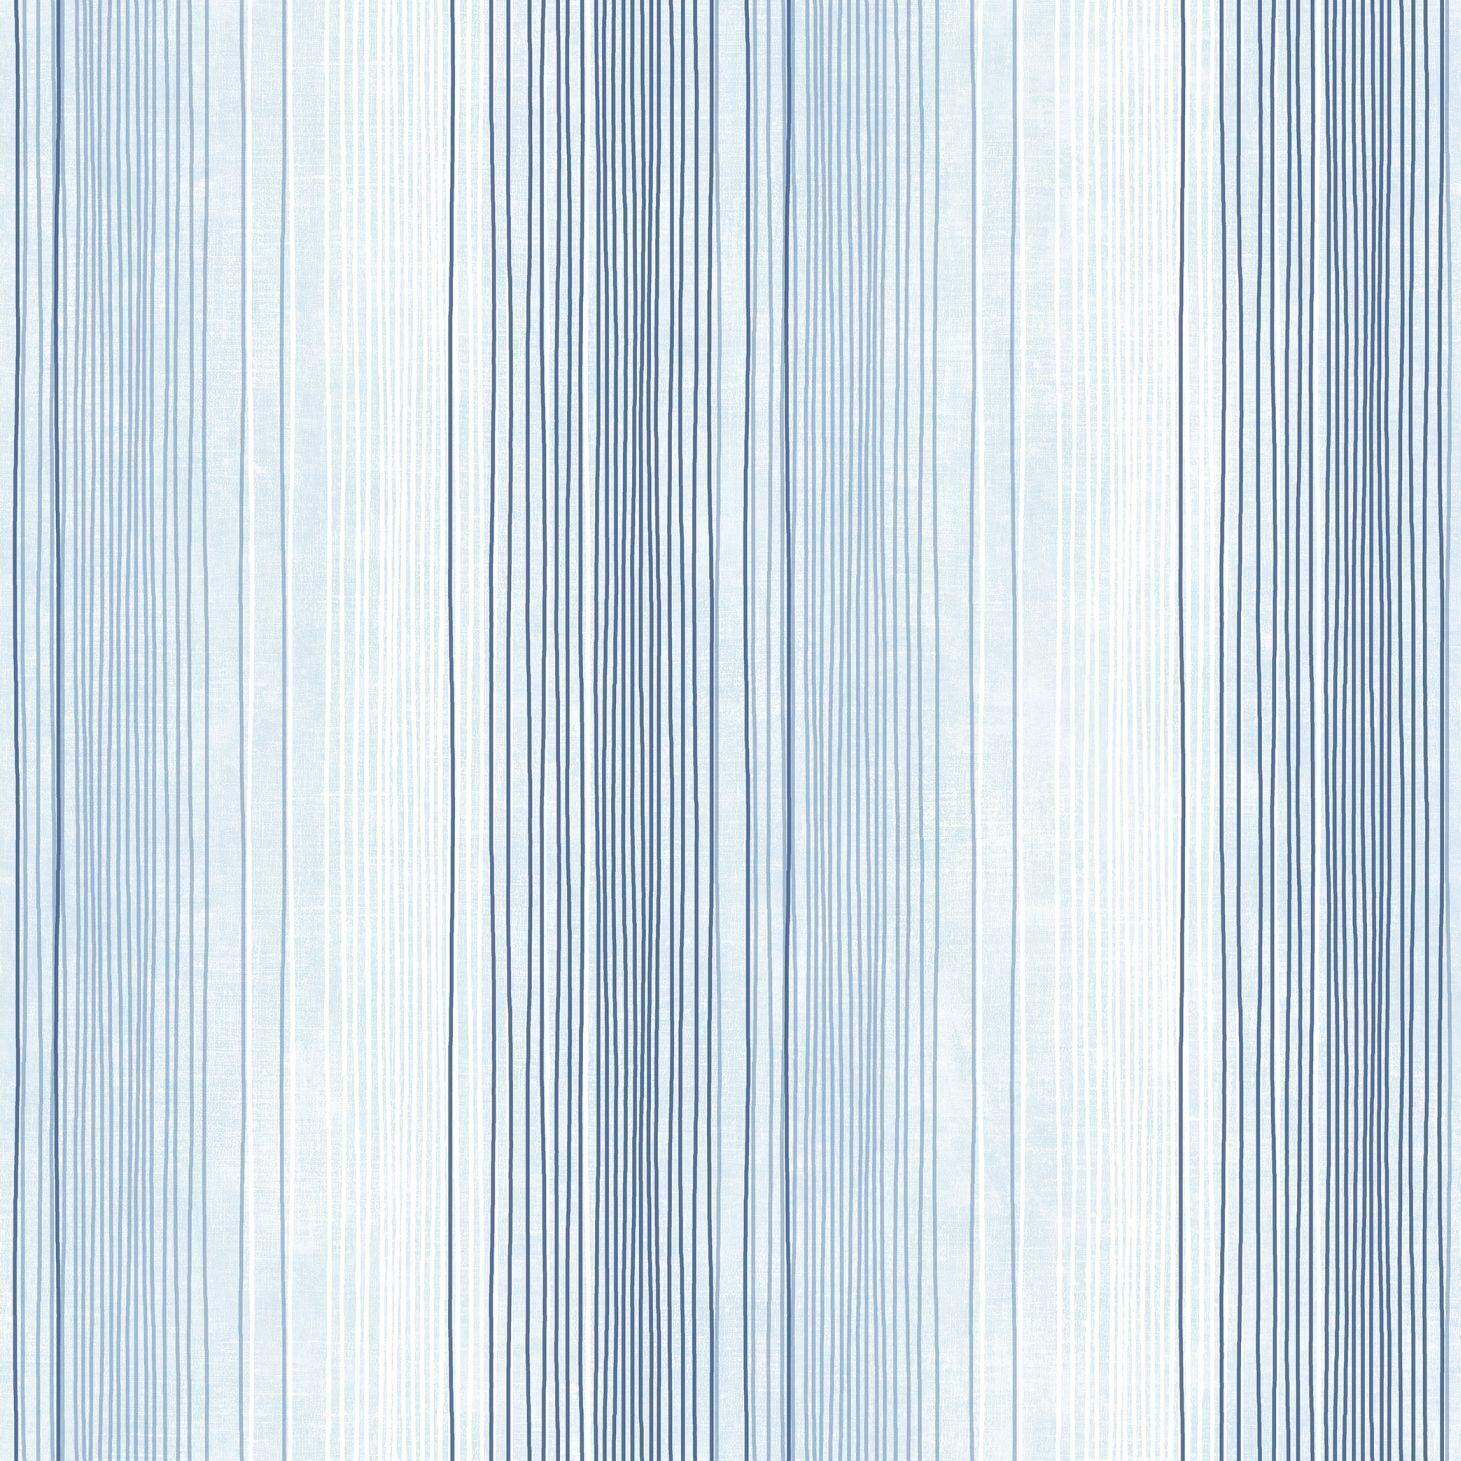 Essener Tapete Simply Stripes 3 St36920 Light bluee Vinyl Wallpaper